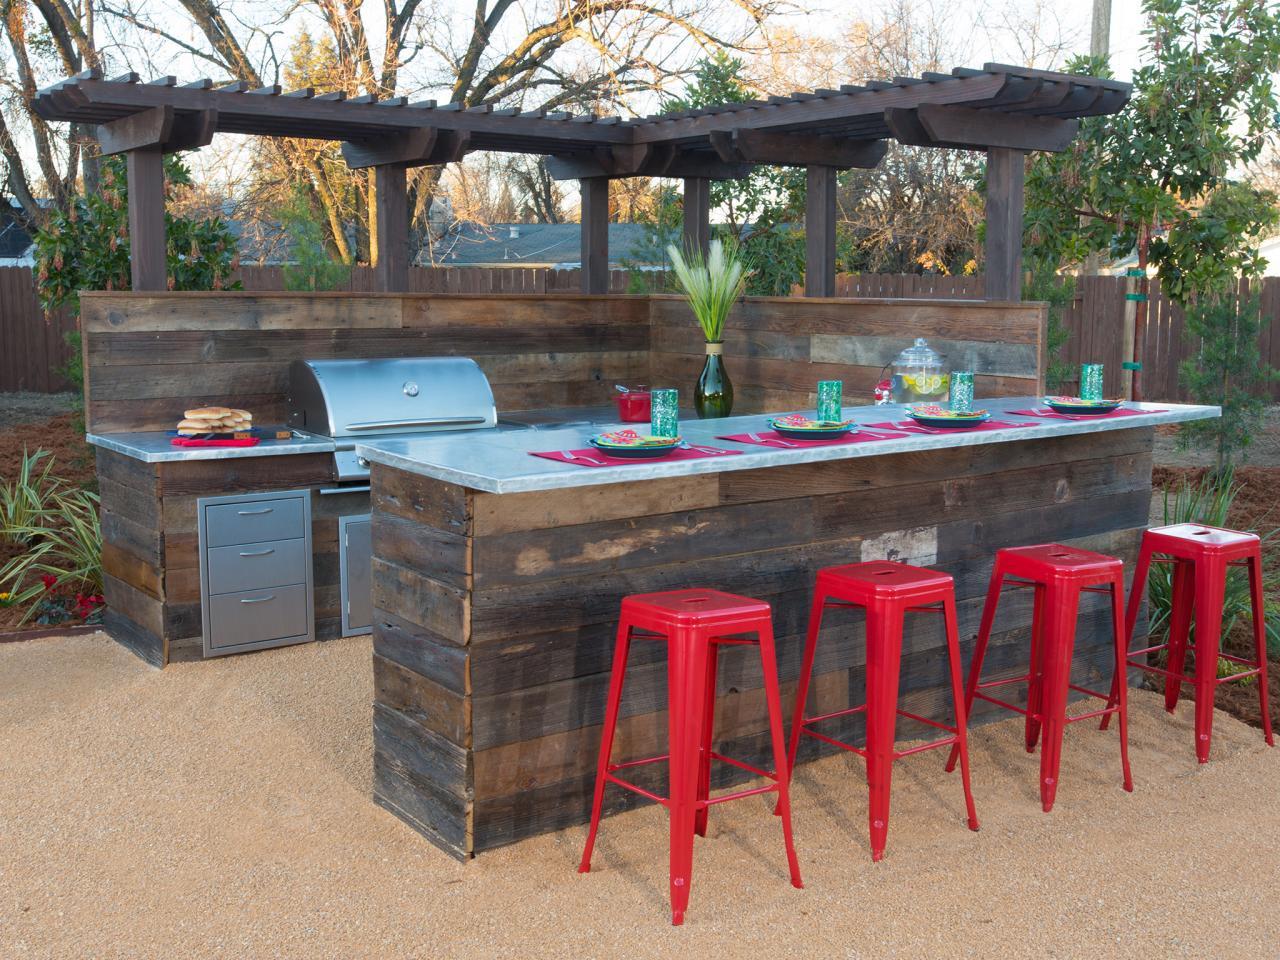 Küche Selber Bauen  Garten Bar mit Küche selber bauen fresHouse